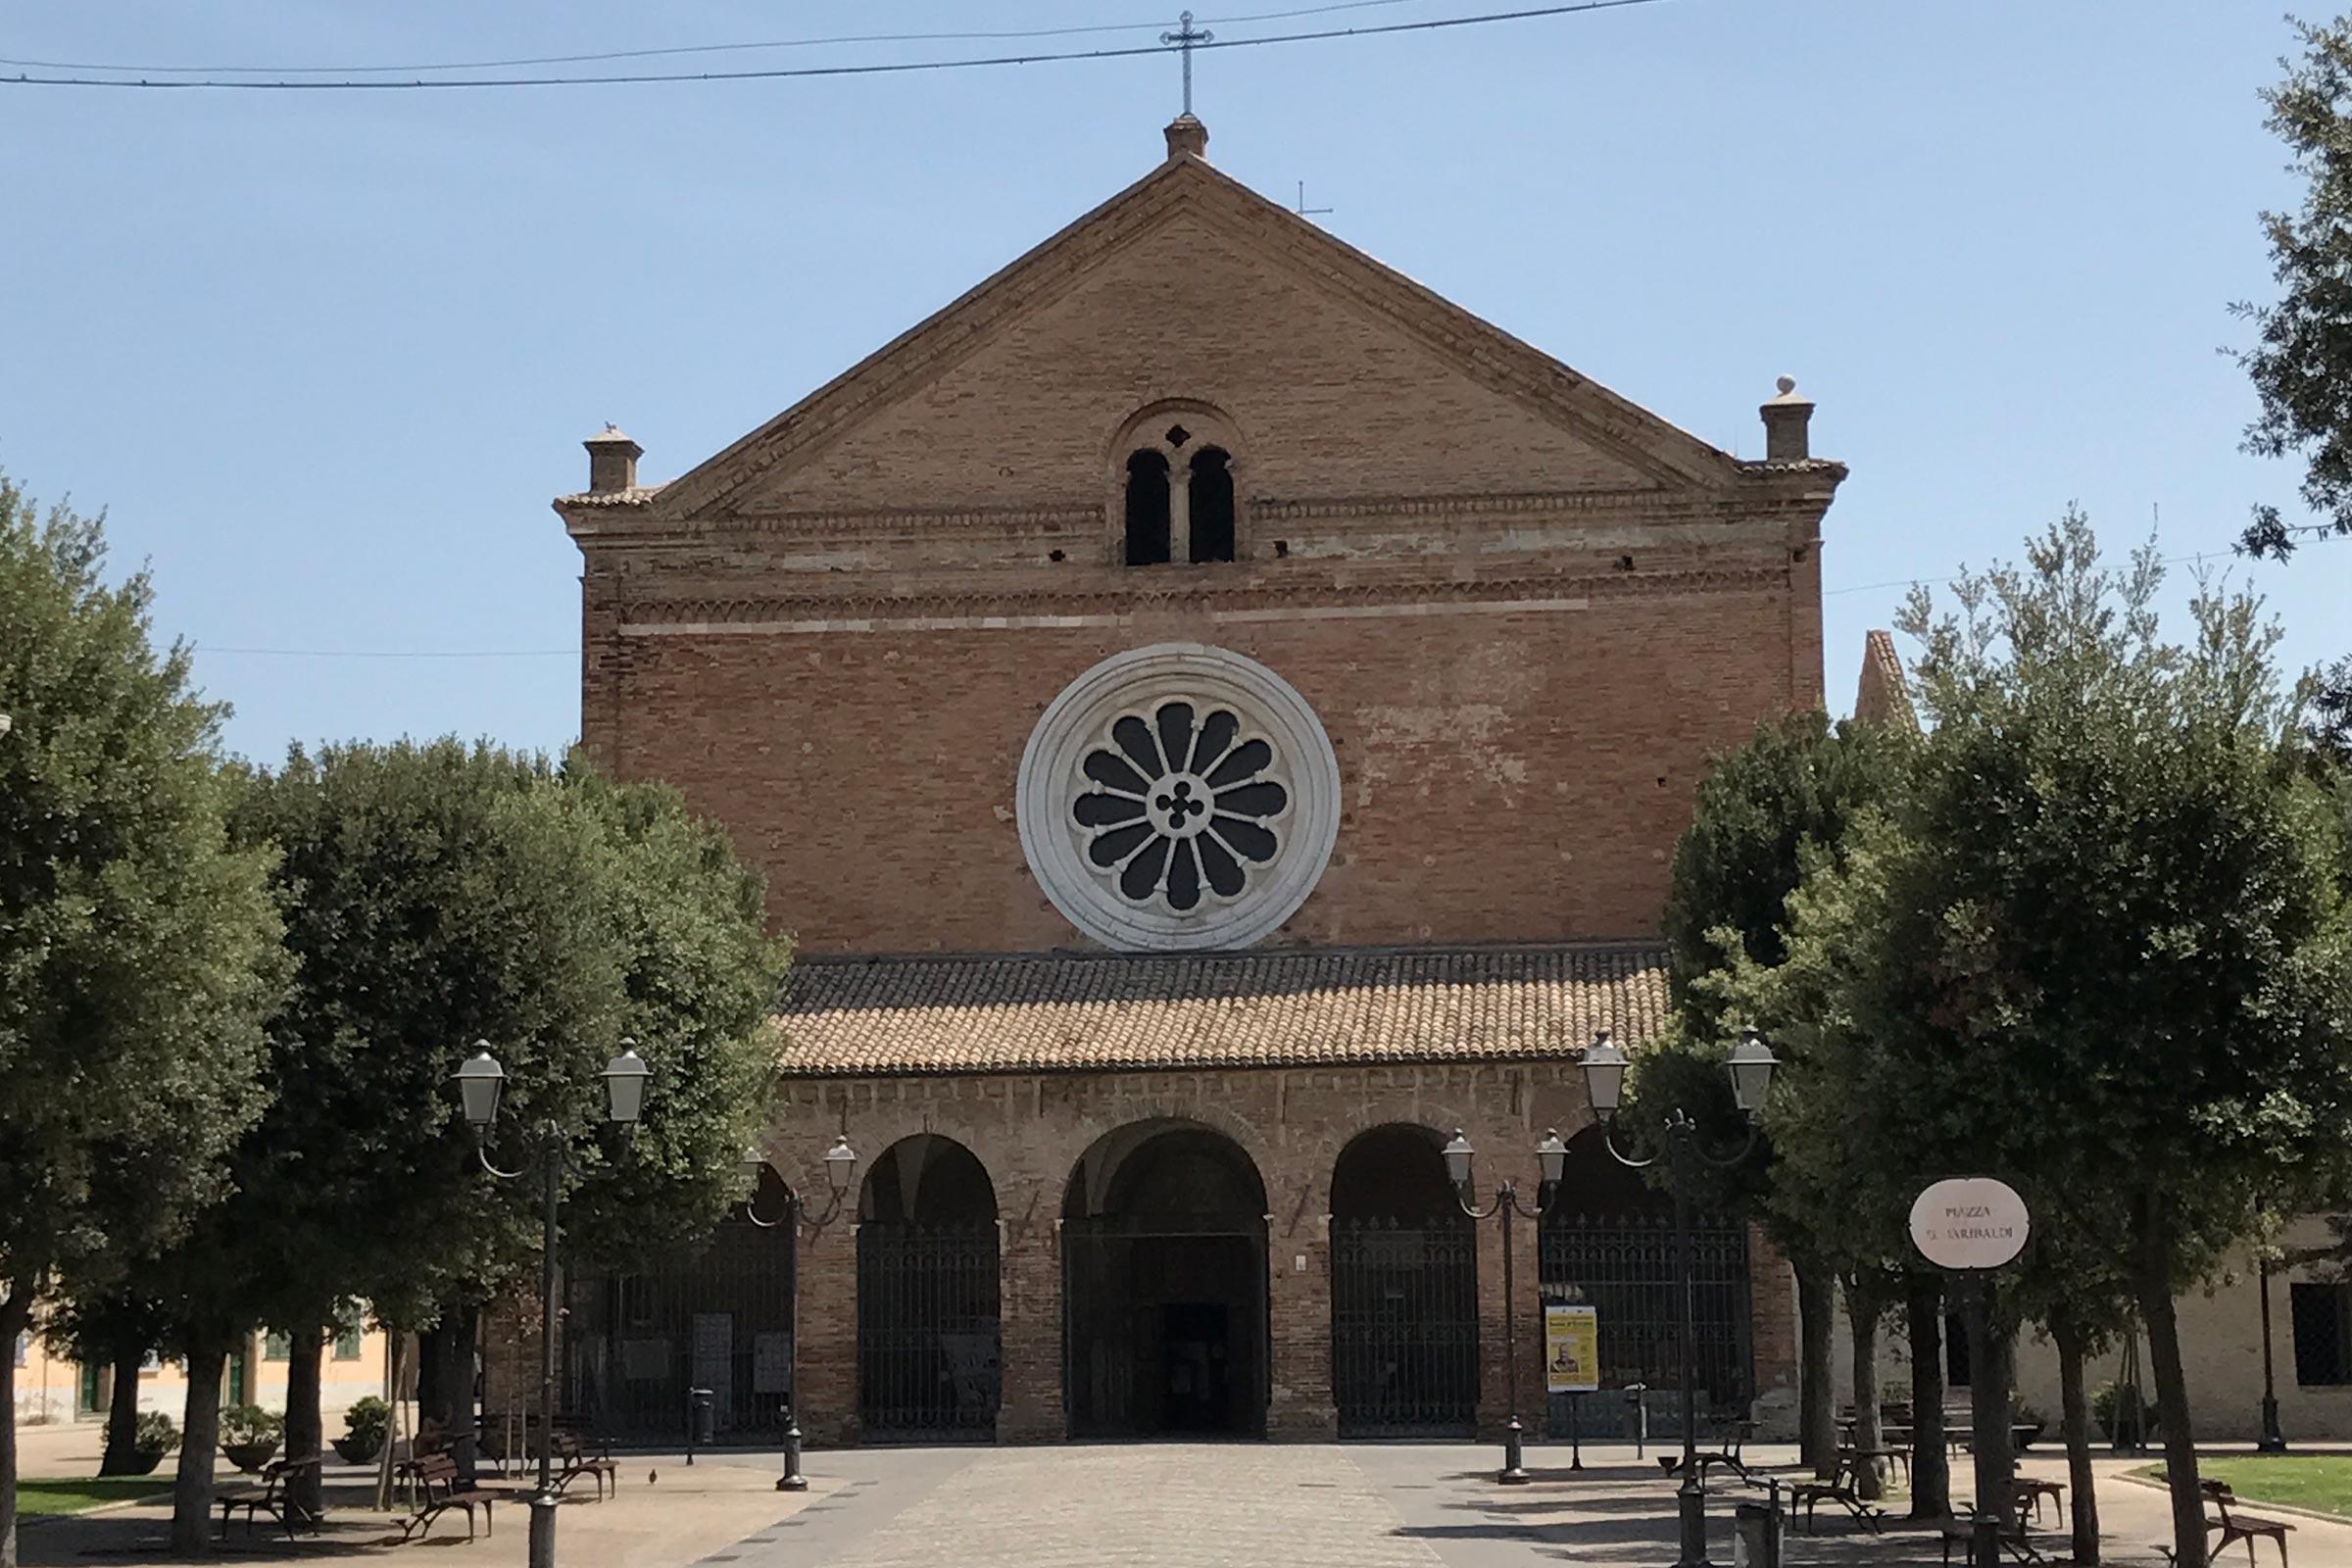 Chiaravalle